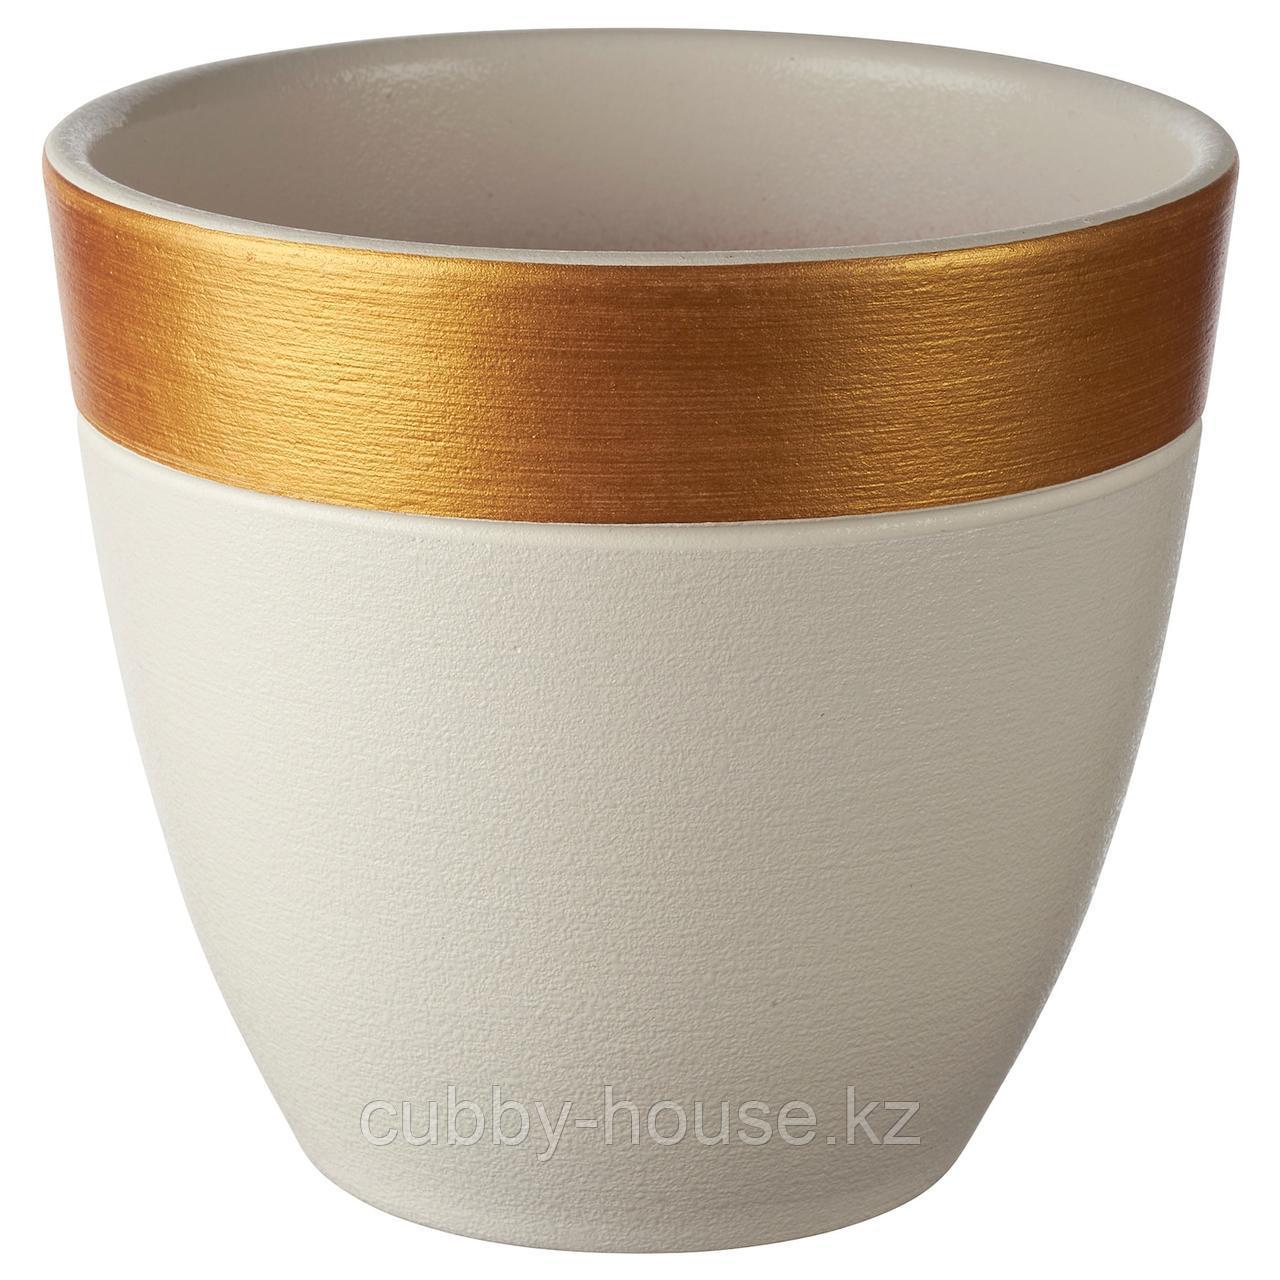 ЛАЙМПЕППАР Горшок цветочный, белый, золотой полоска, 12 см